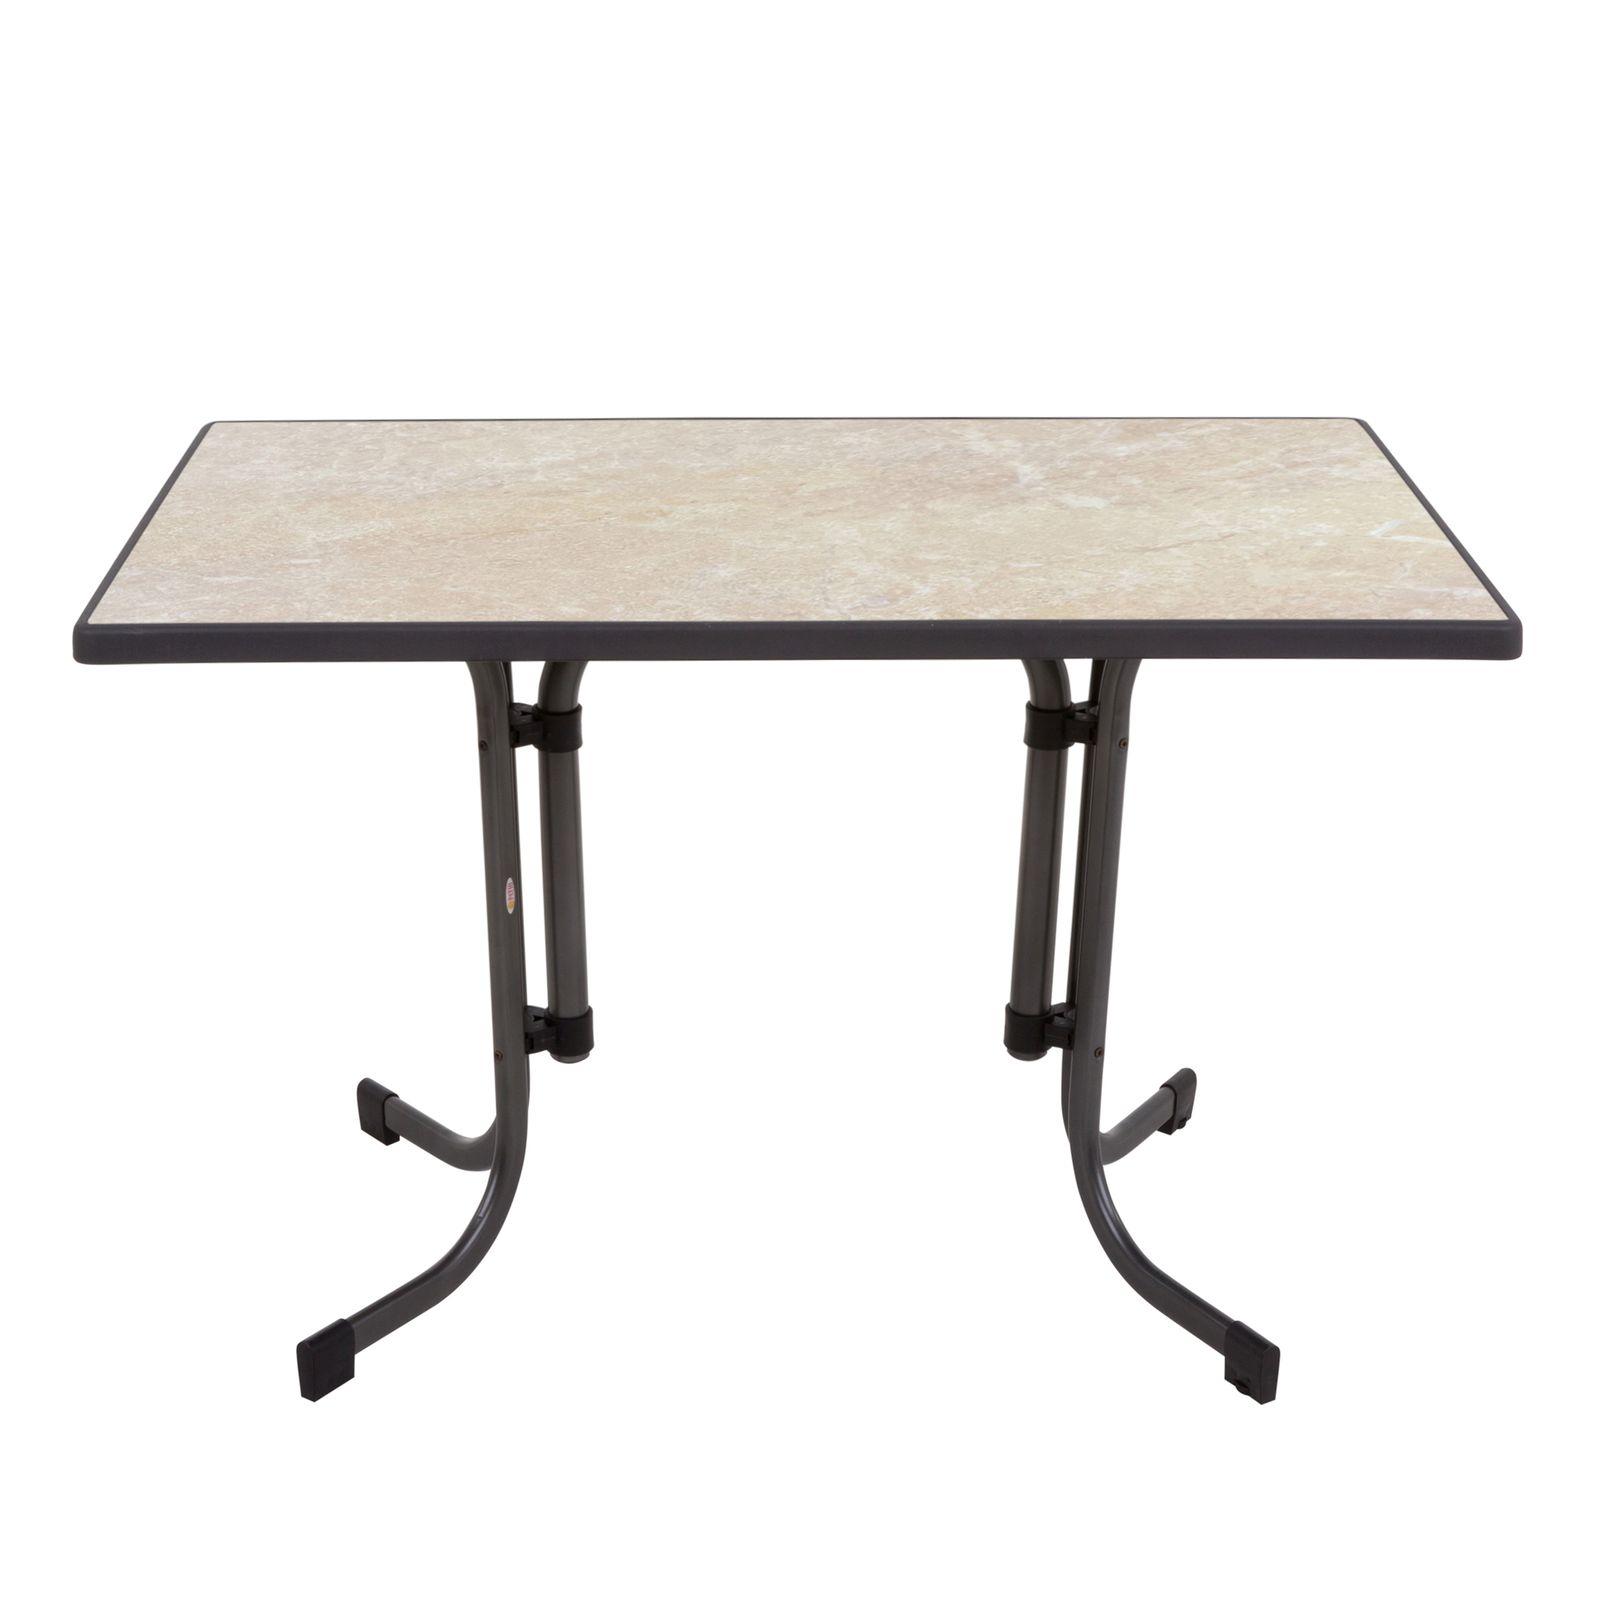 Stół Dine & Relax hiszpański 110 x 70 cm ceramico /antracyt PATIO